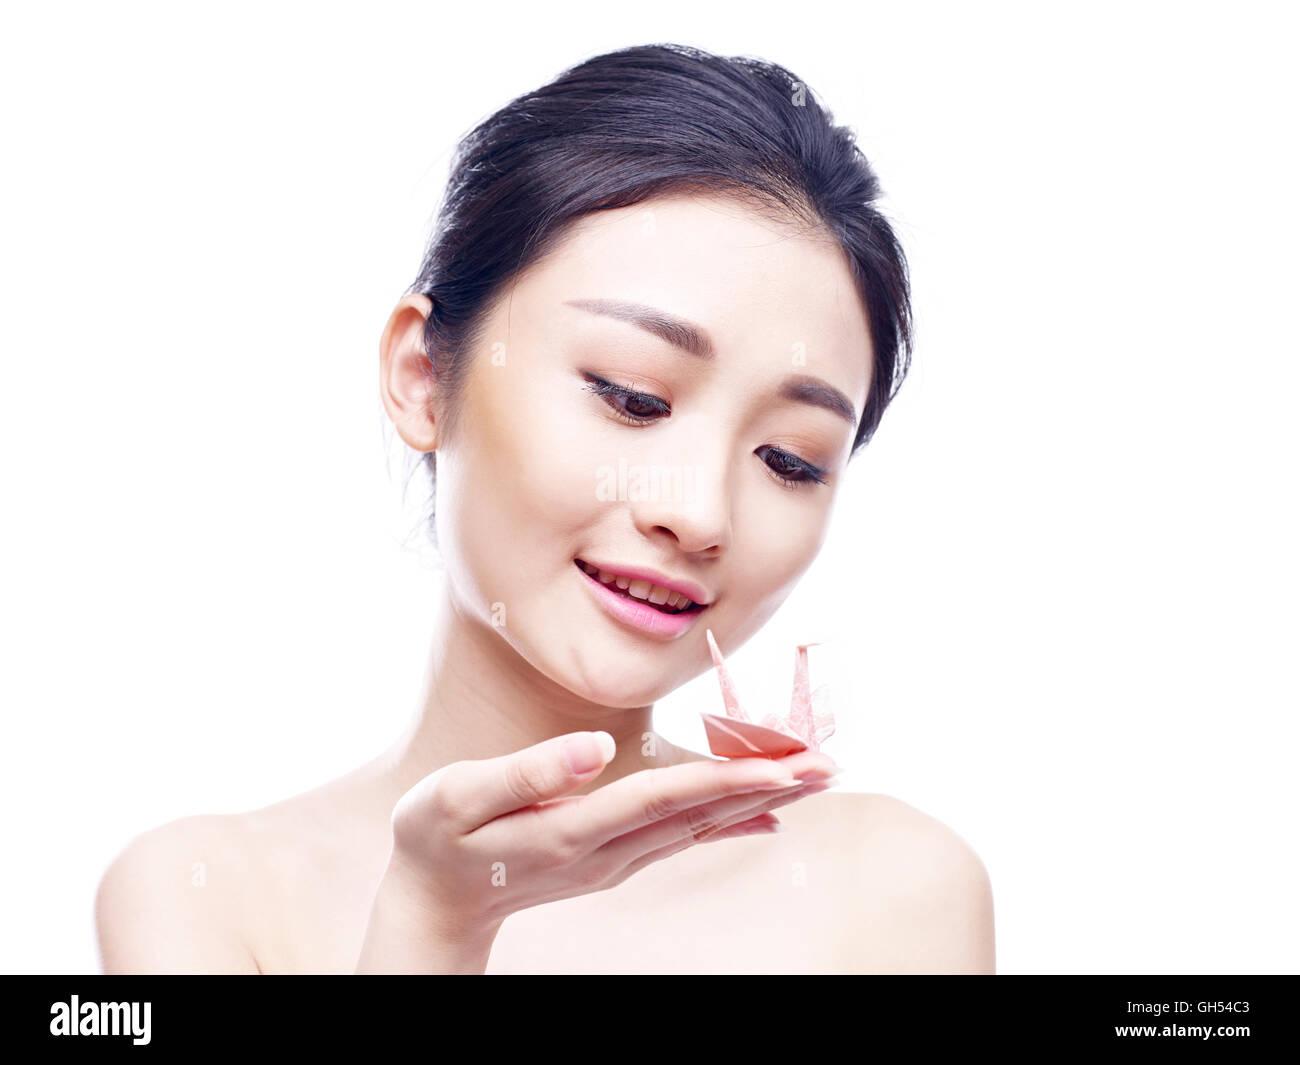 junge asiatische Frau halten und mit Blick auf einen Papierkranich isoliert auf weißem Hintergrund. Stockbild